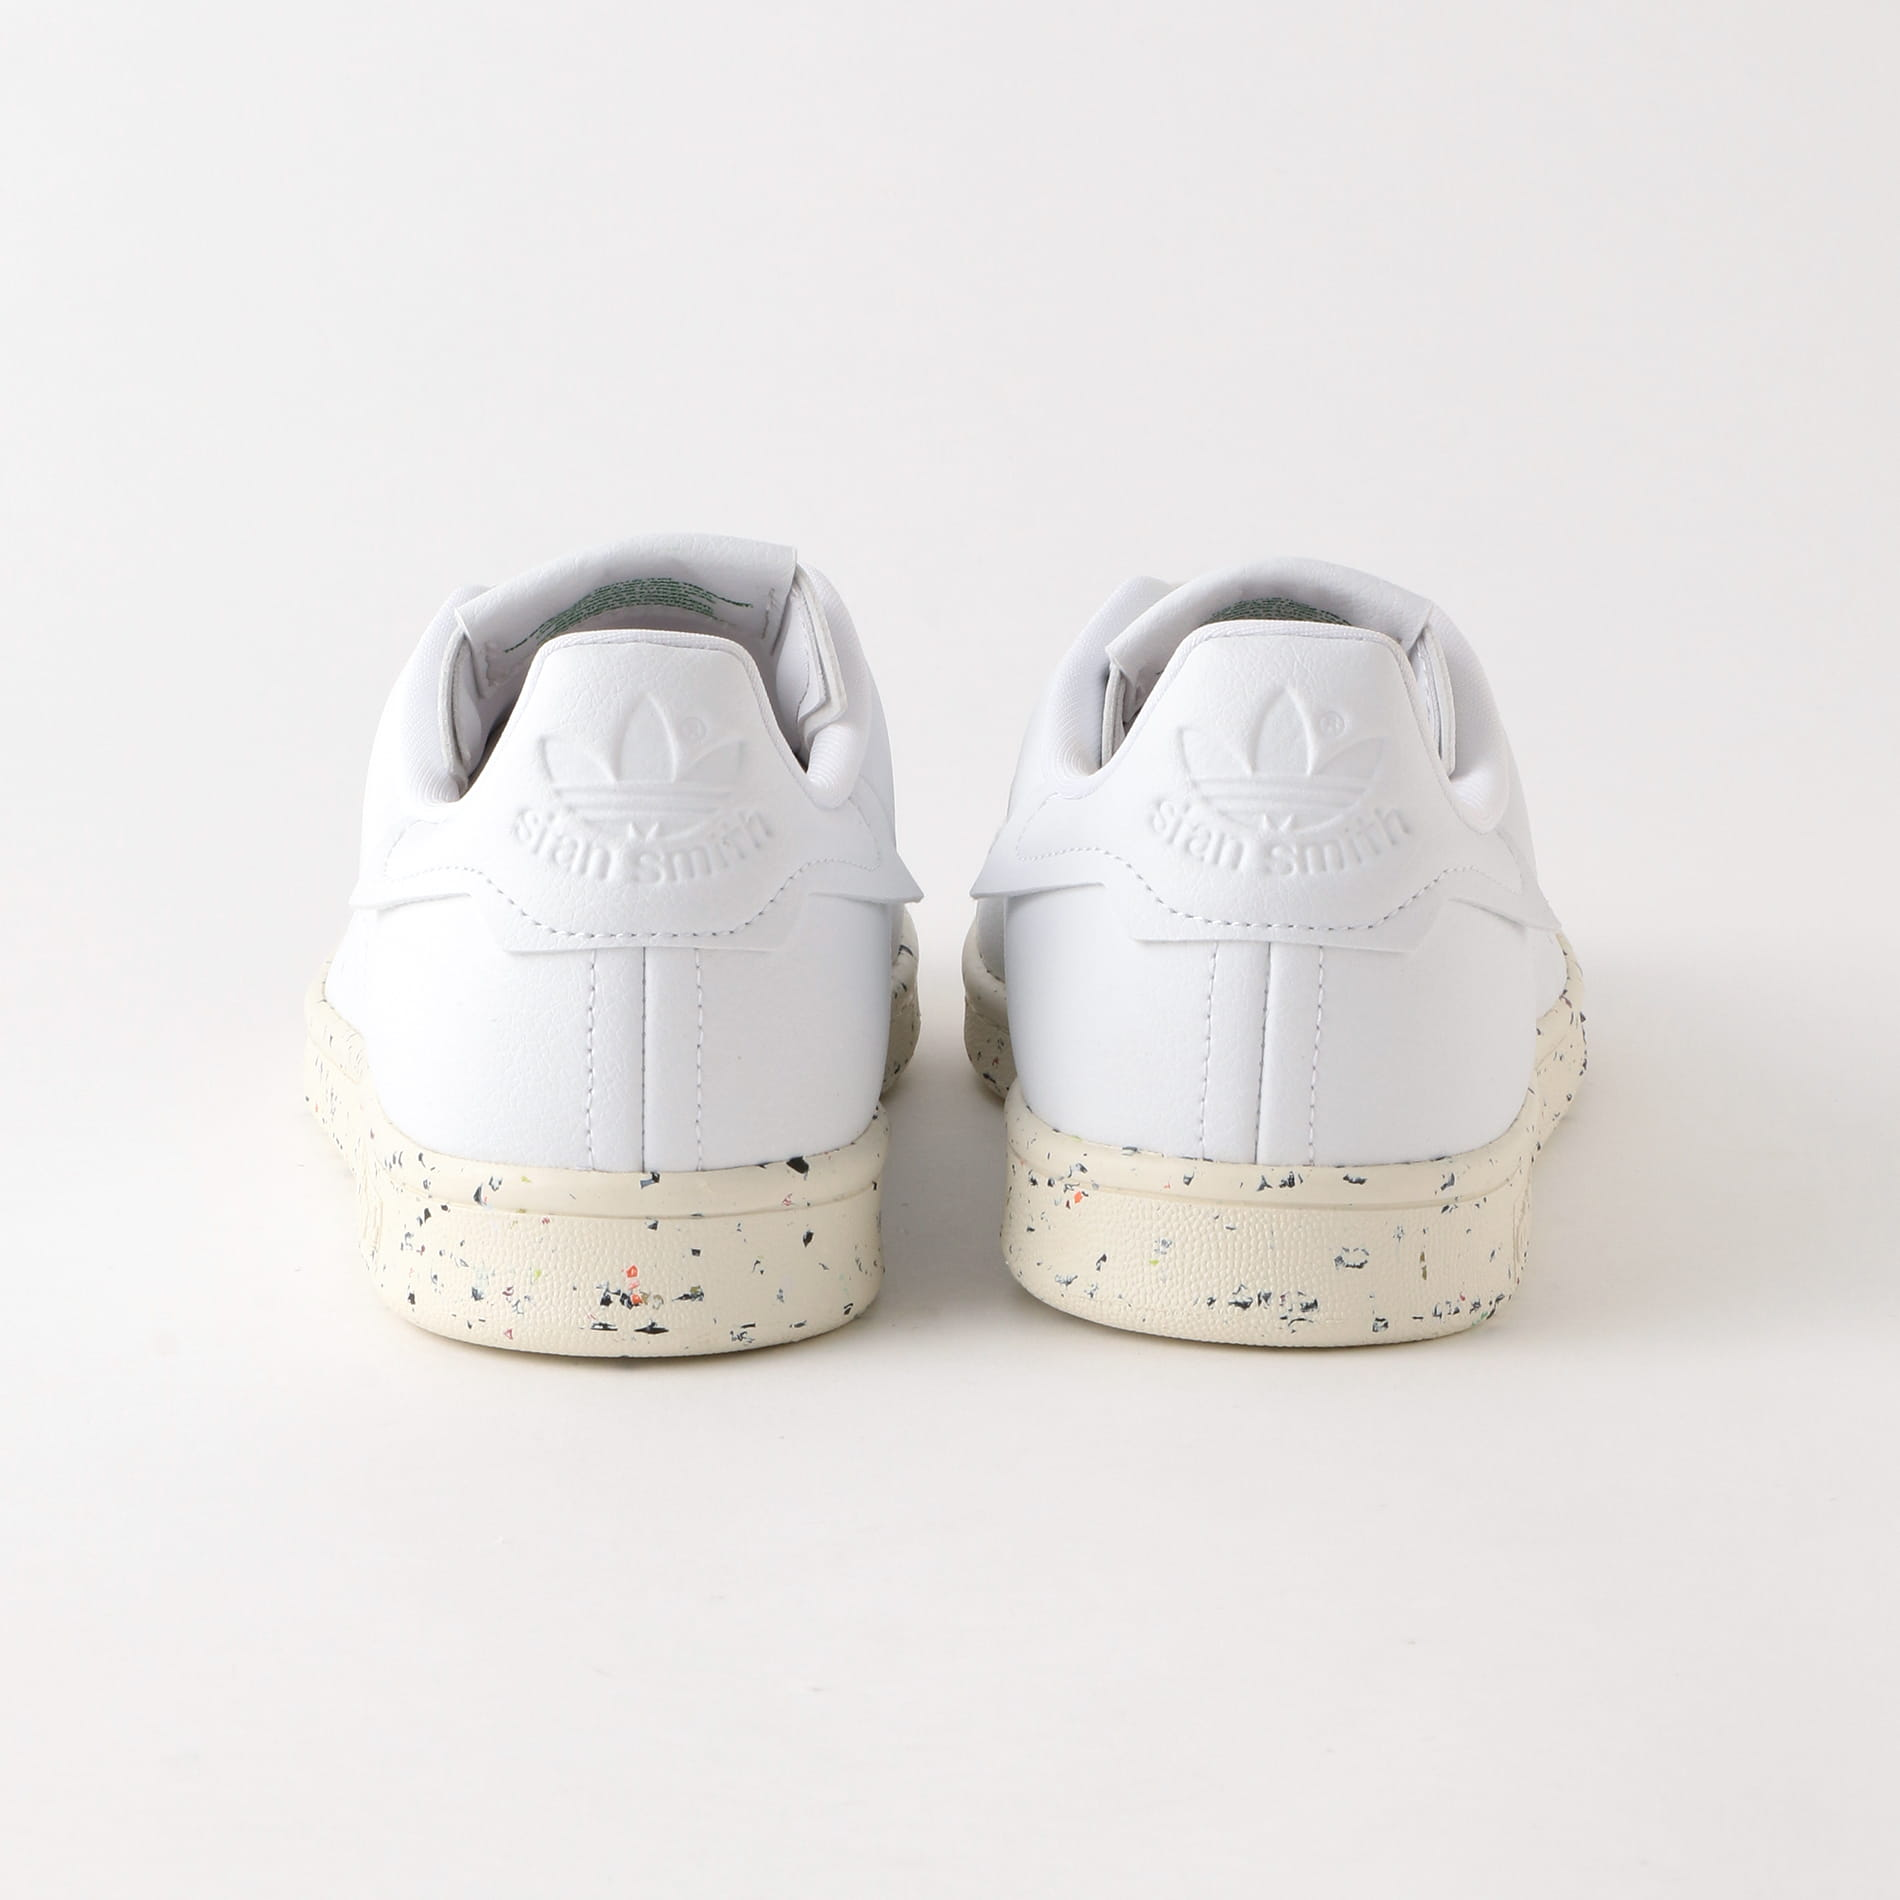 【adidas】MEN シューズ STAN SMITH サスティナブルモデル FV0534